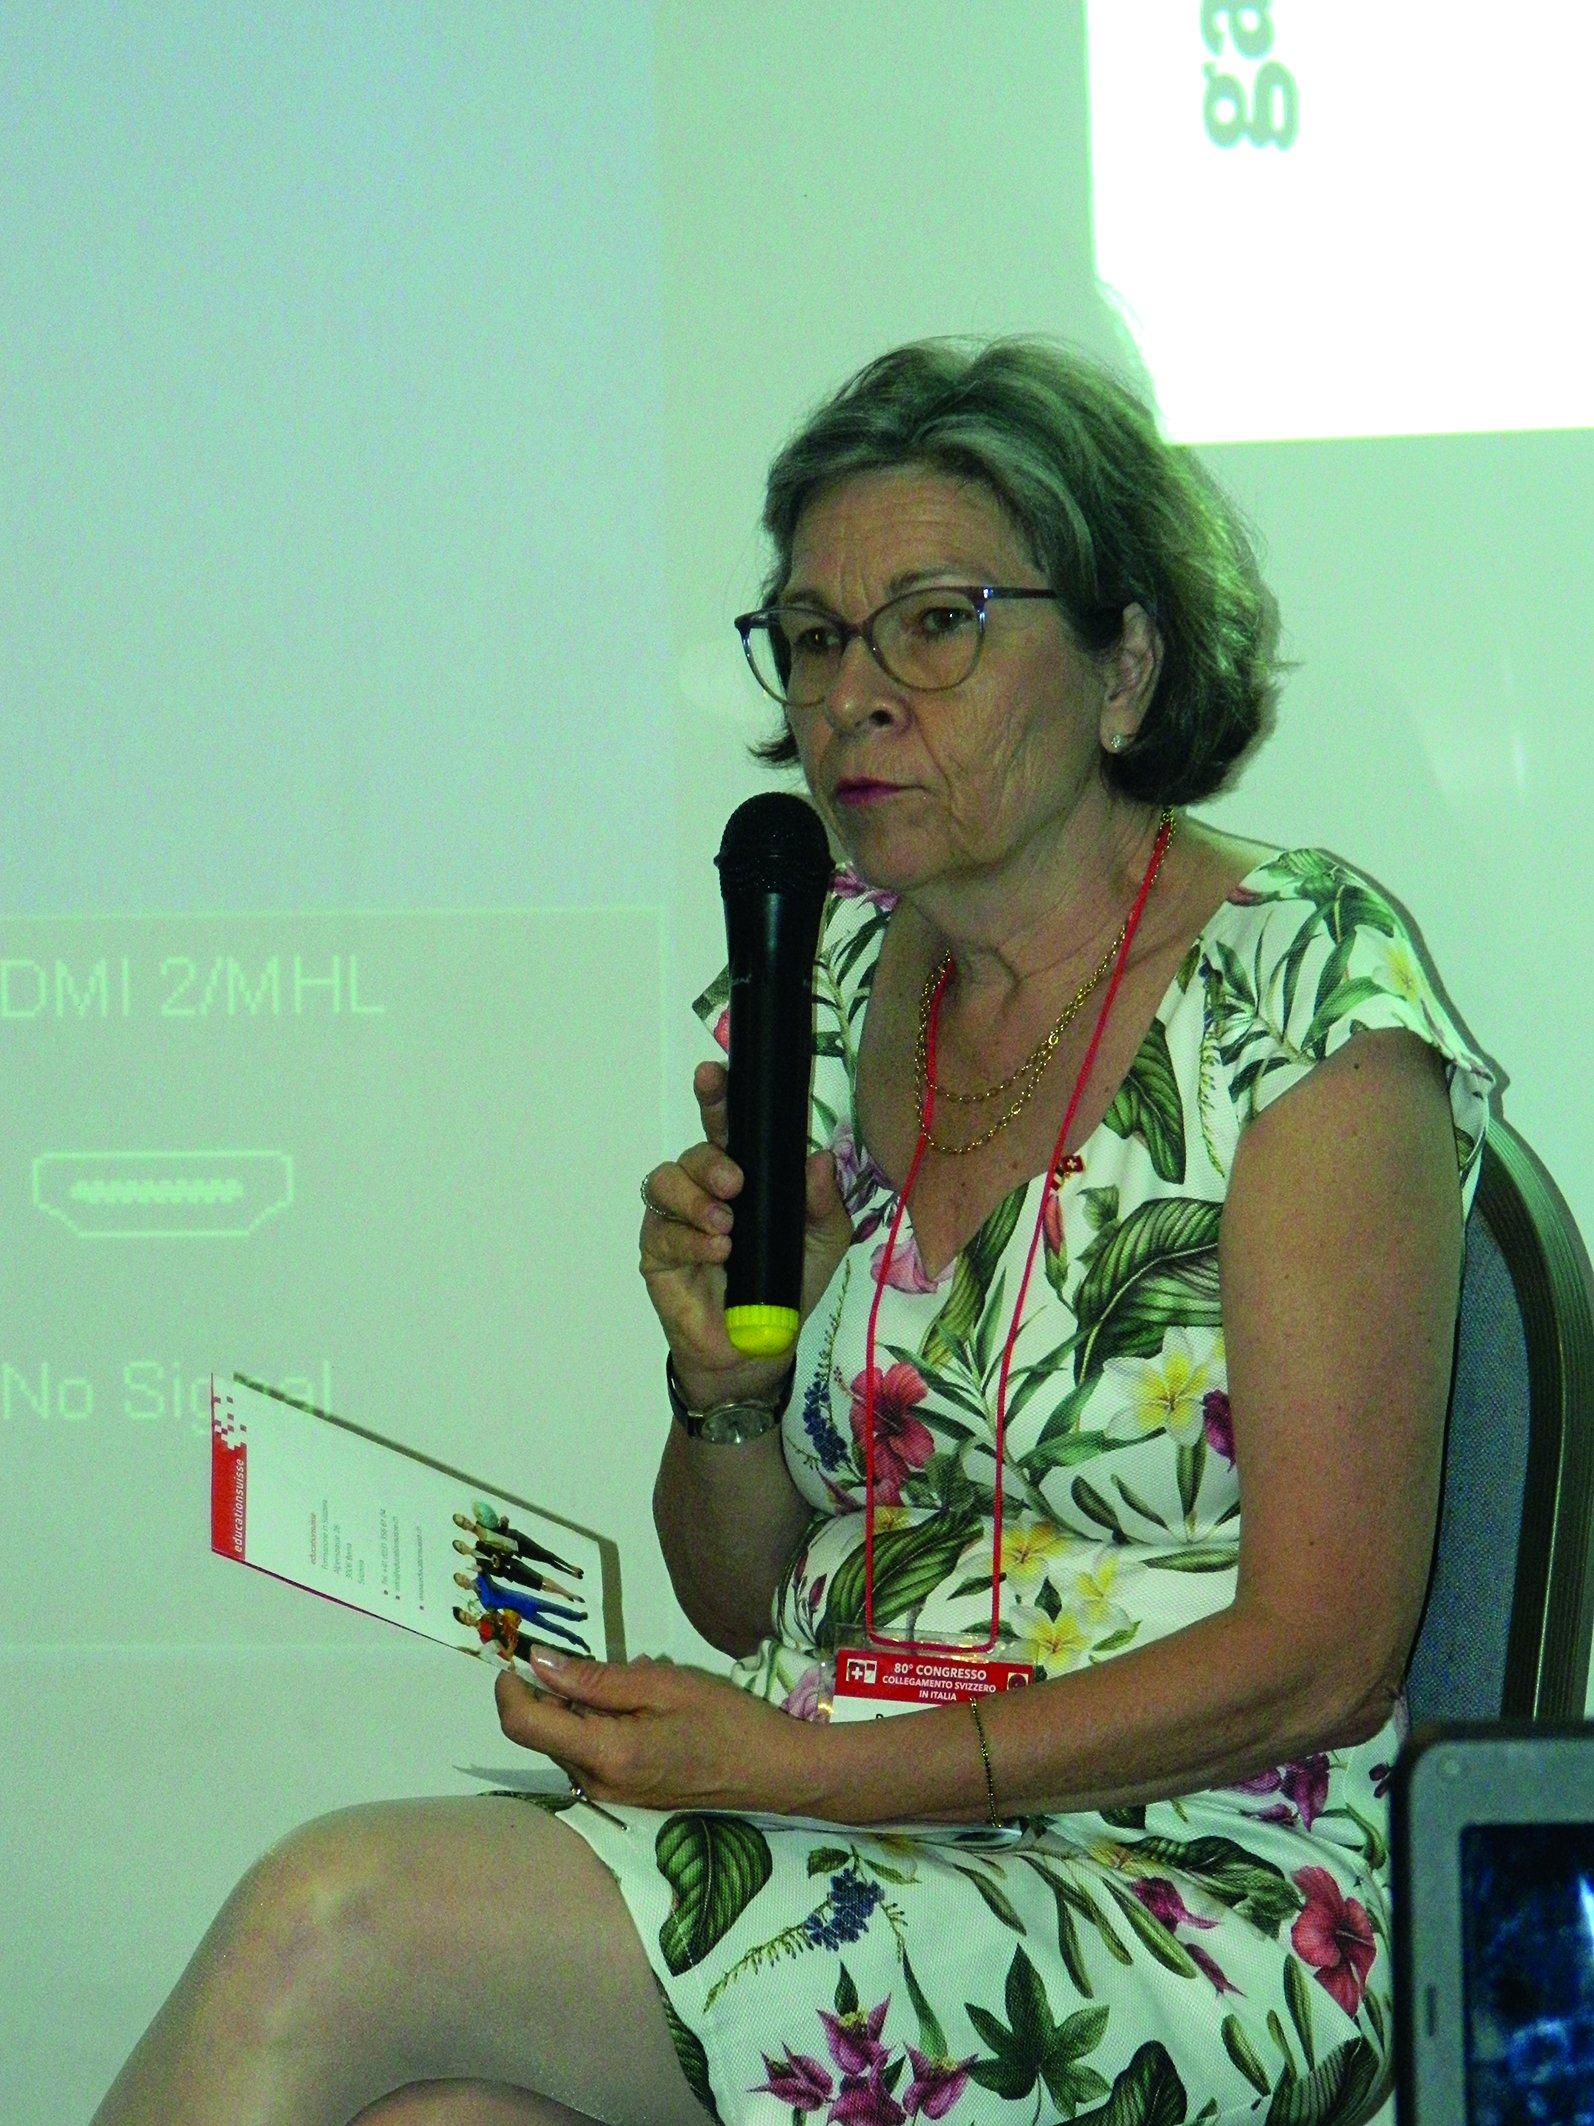 Ruth Von Gunten parla di educationsuisse